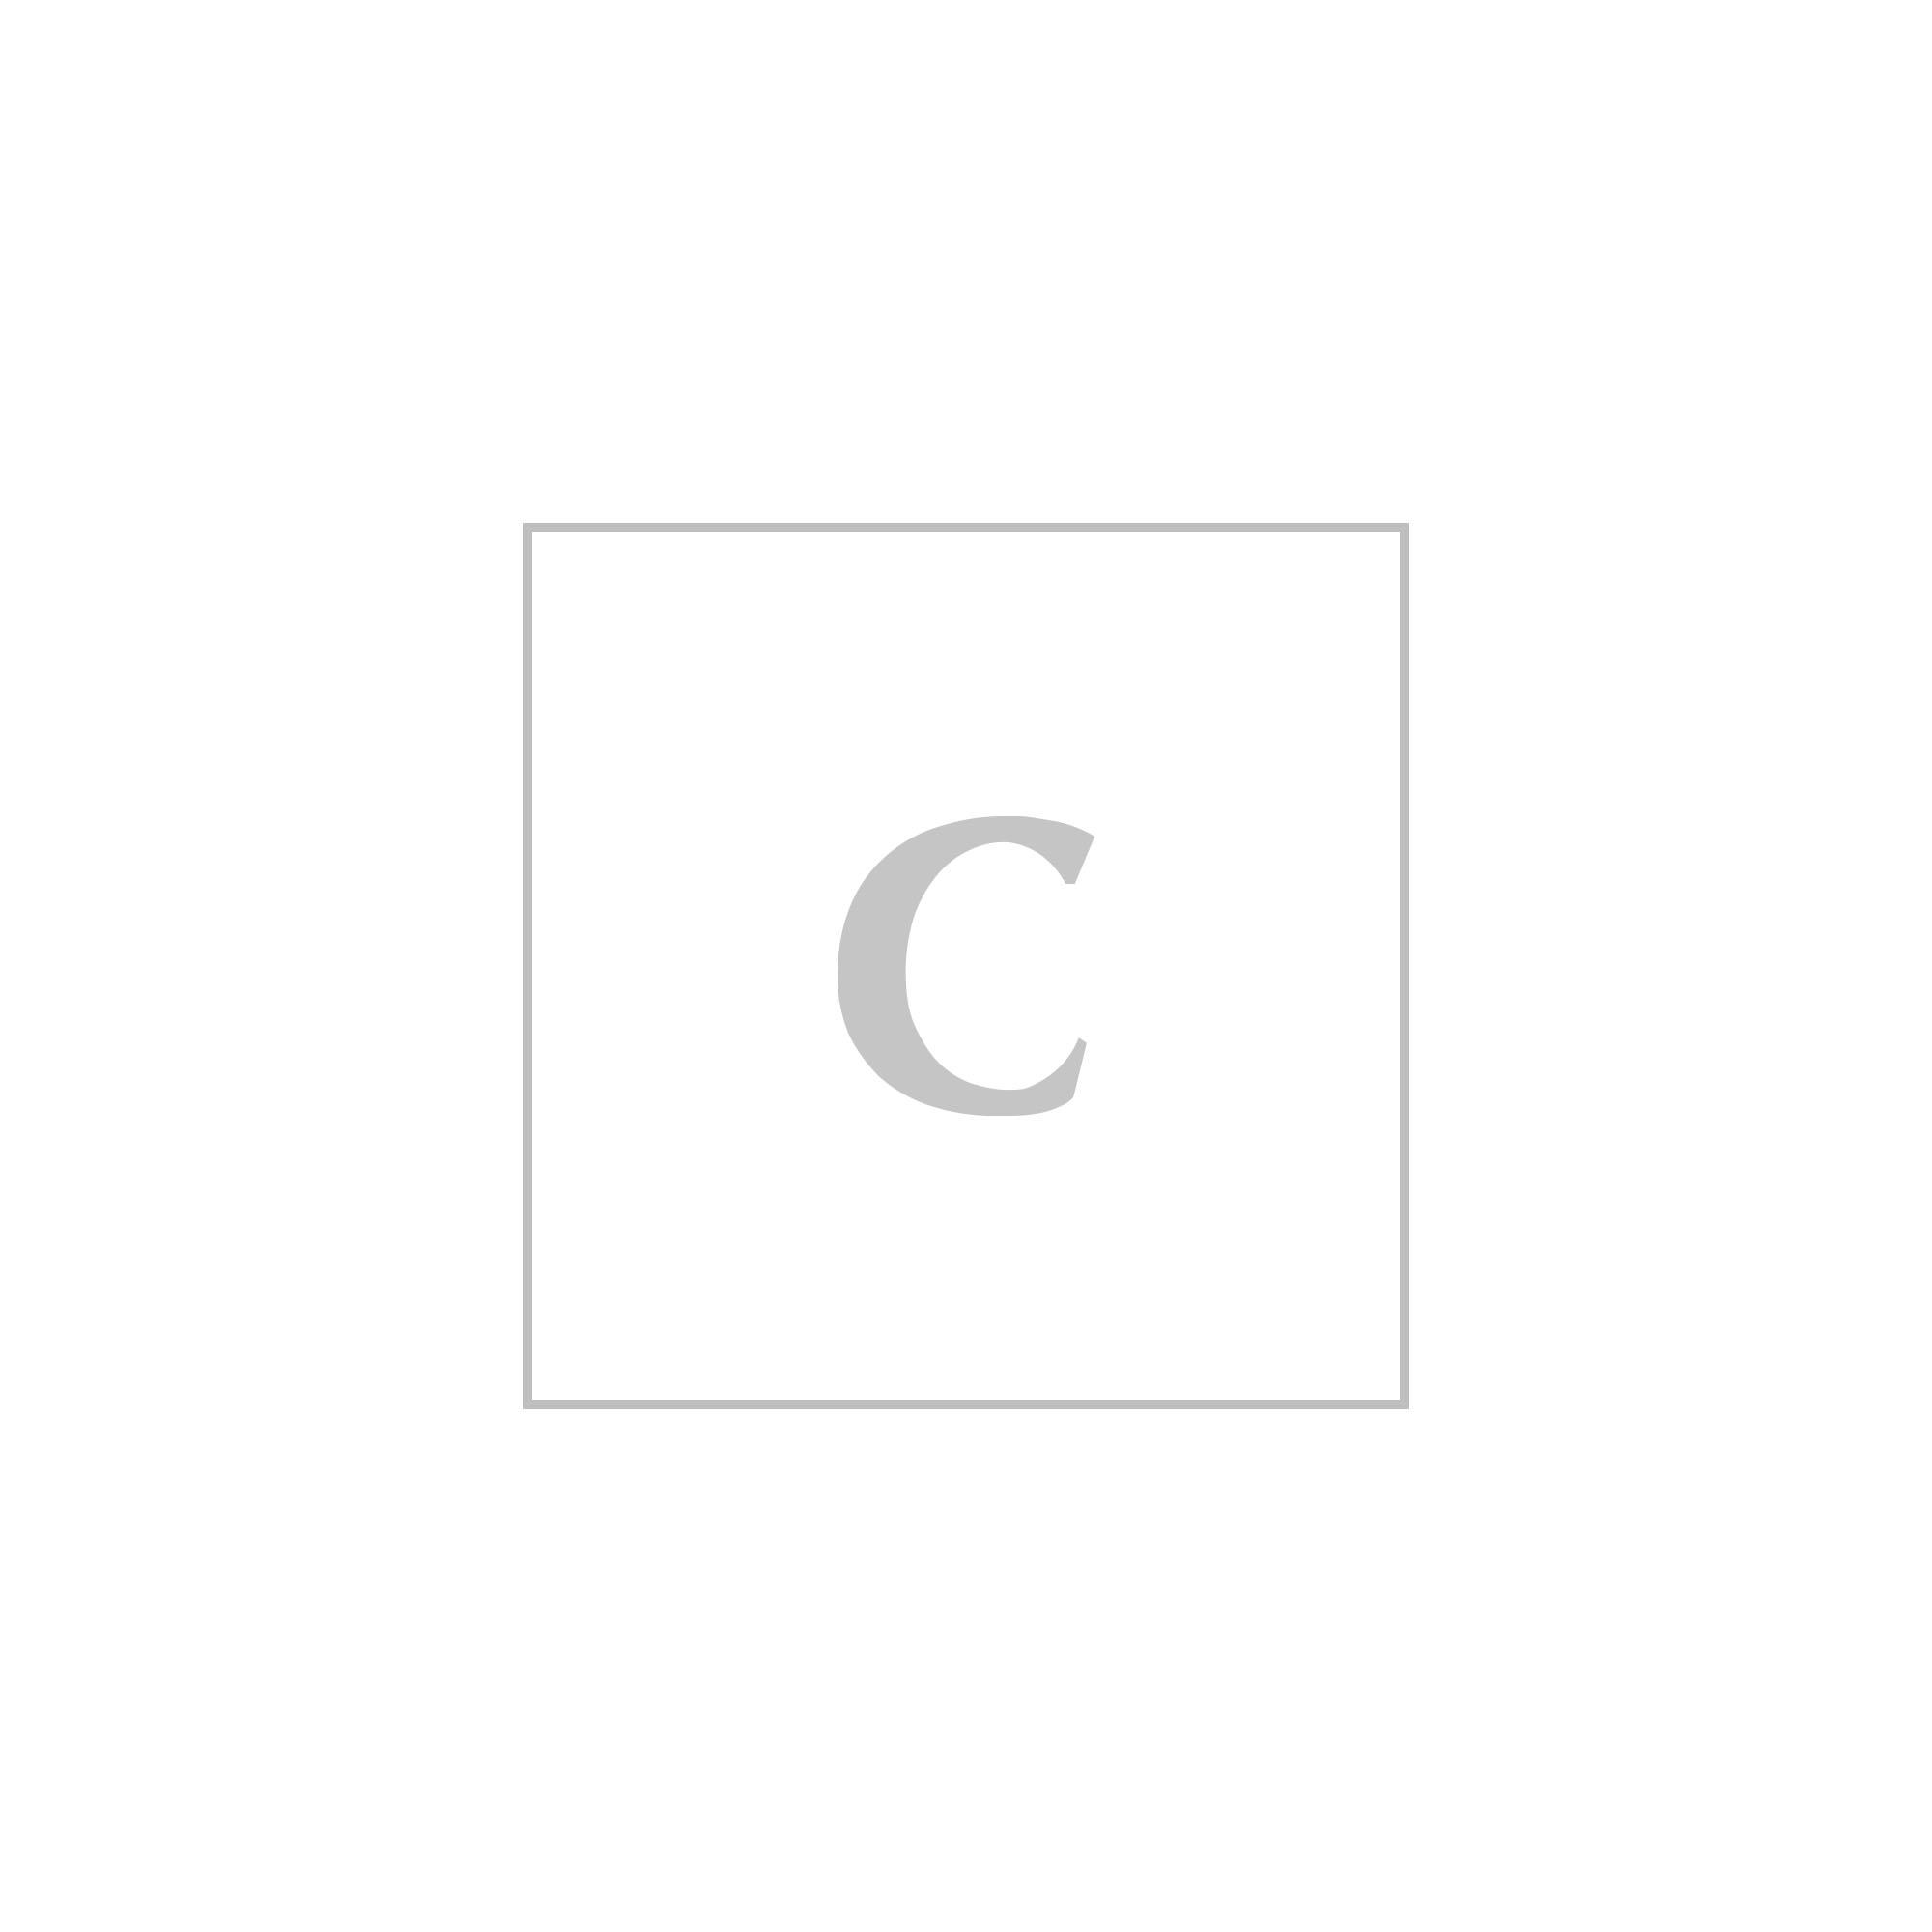 Stella mccartney borsa maniglia corta falabella embossed